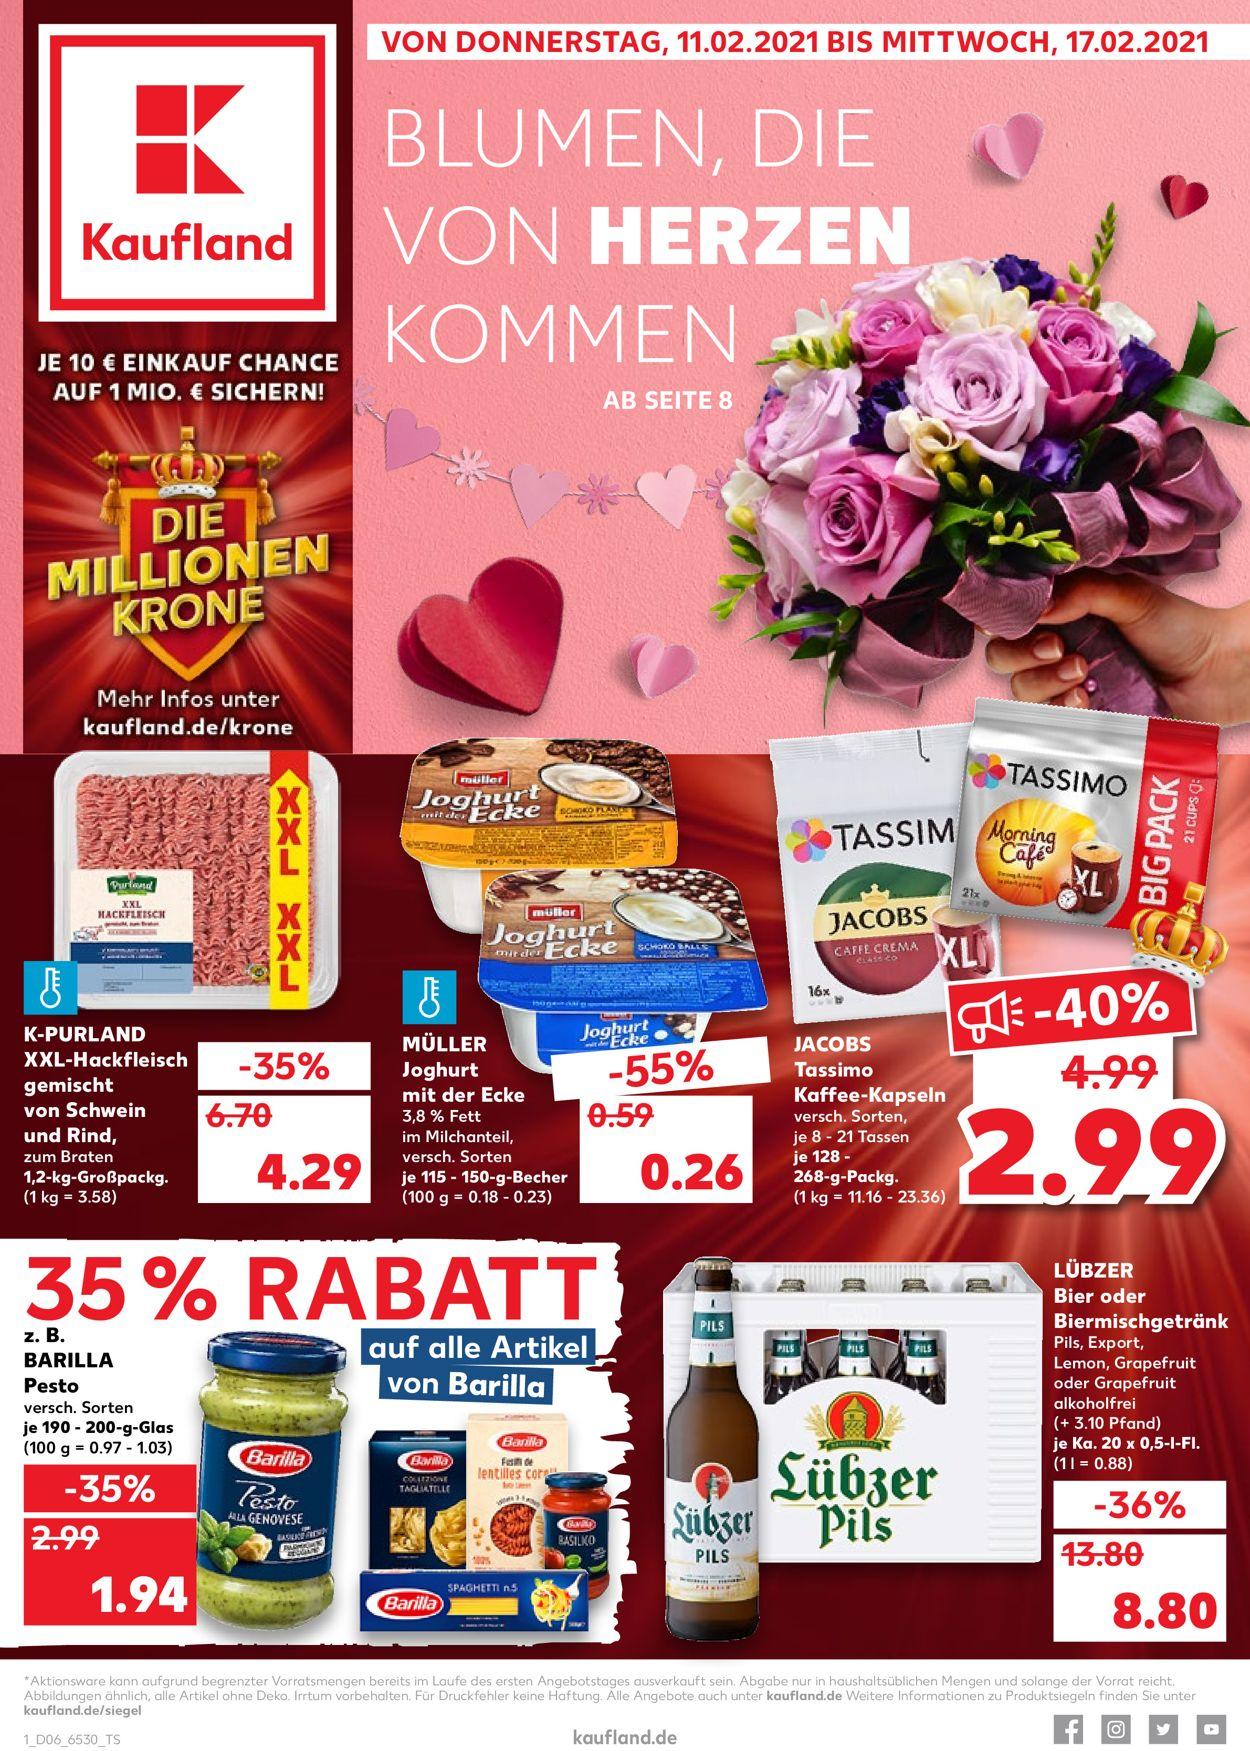 Kaufland Prospekt - Aktuell vom 11.02-17.02.2021